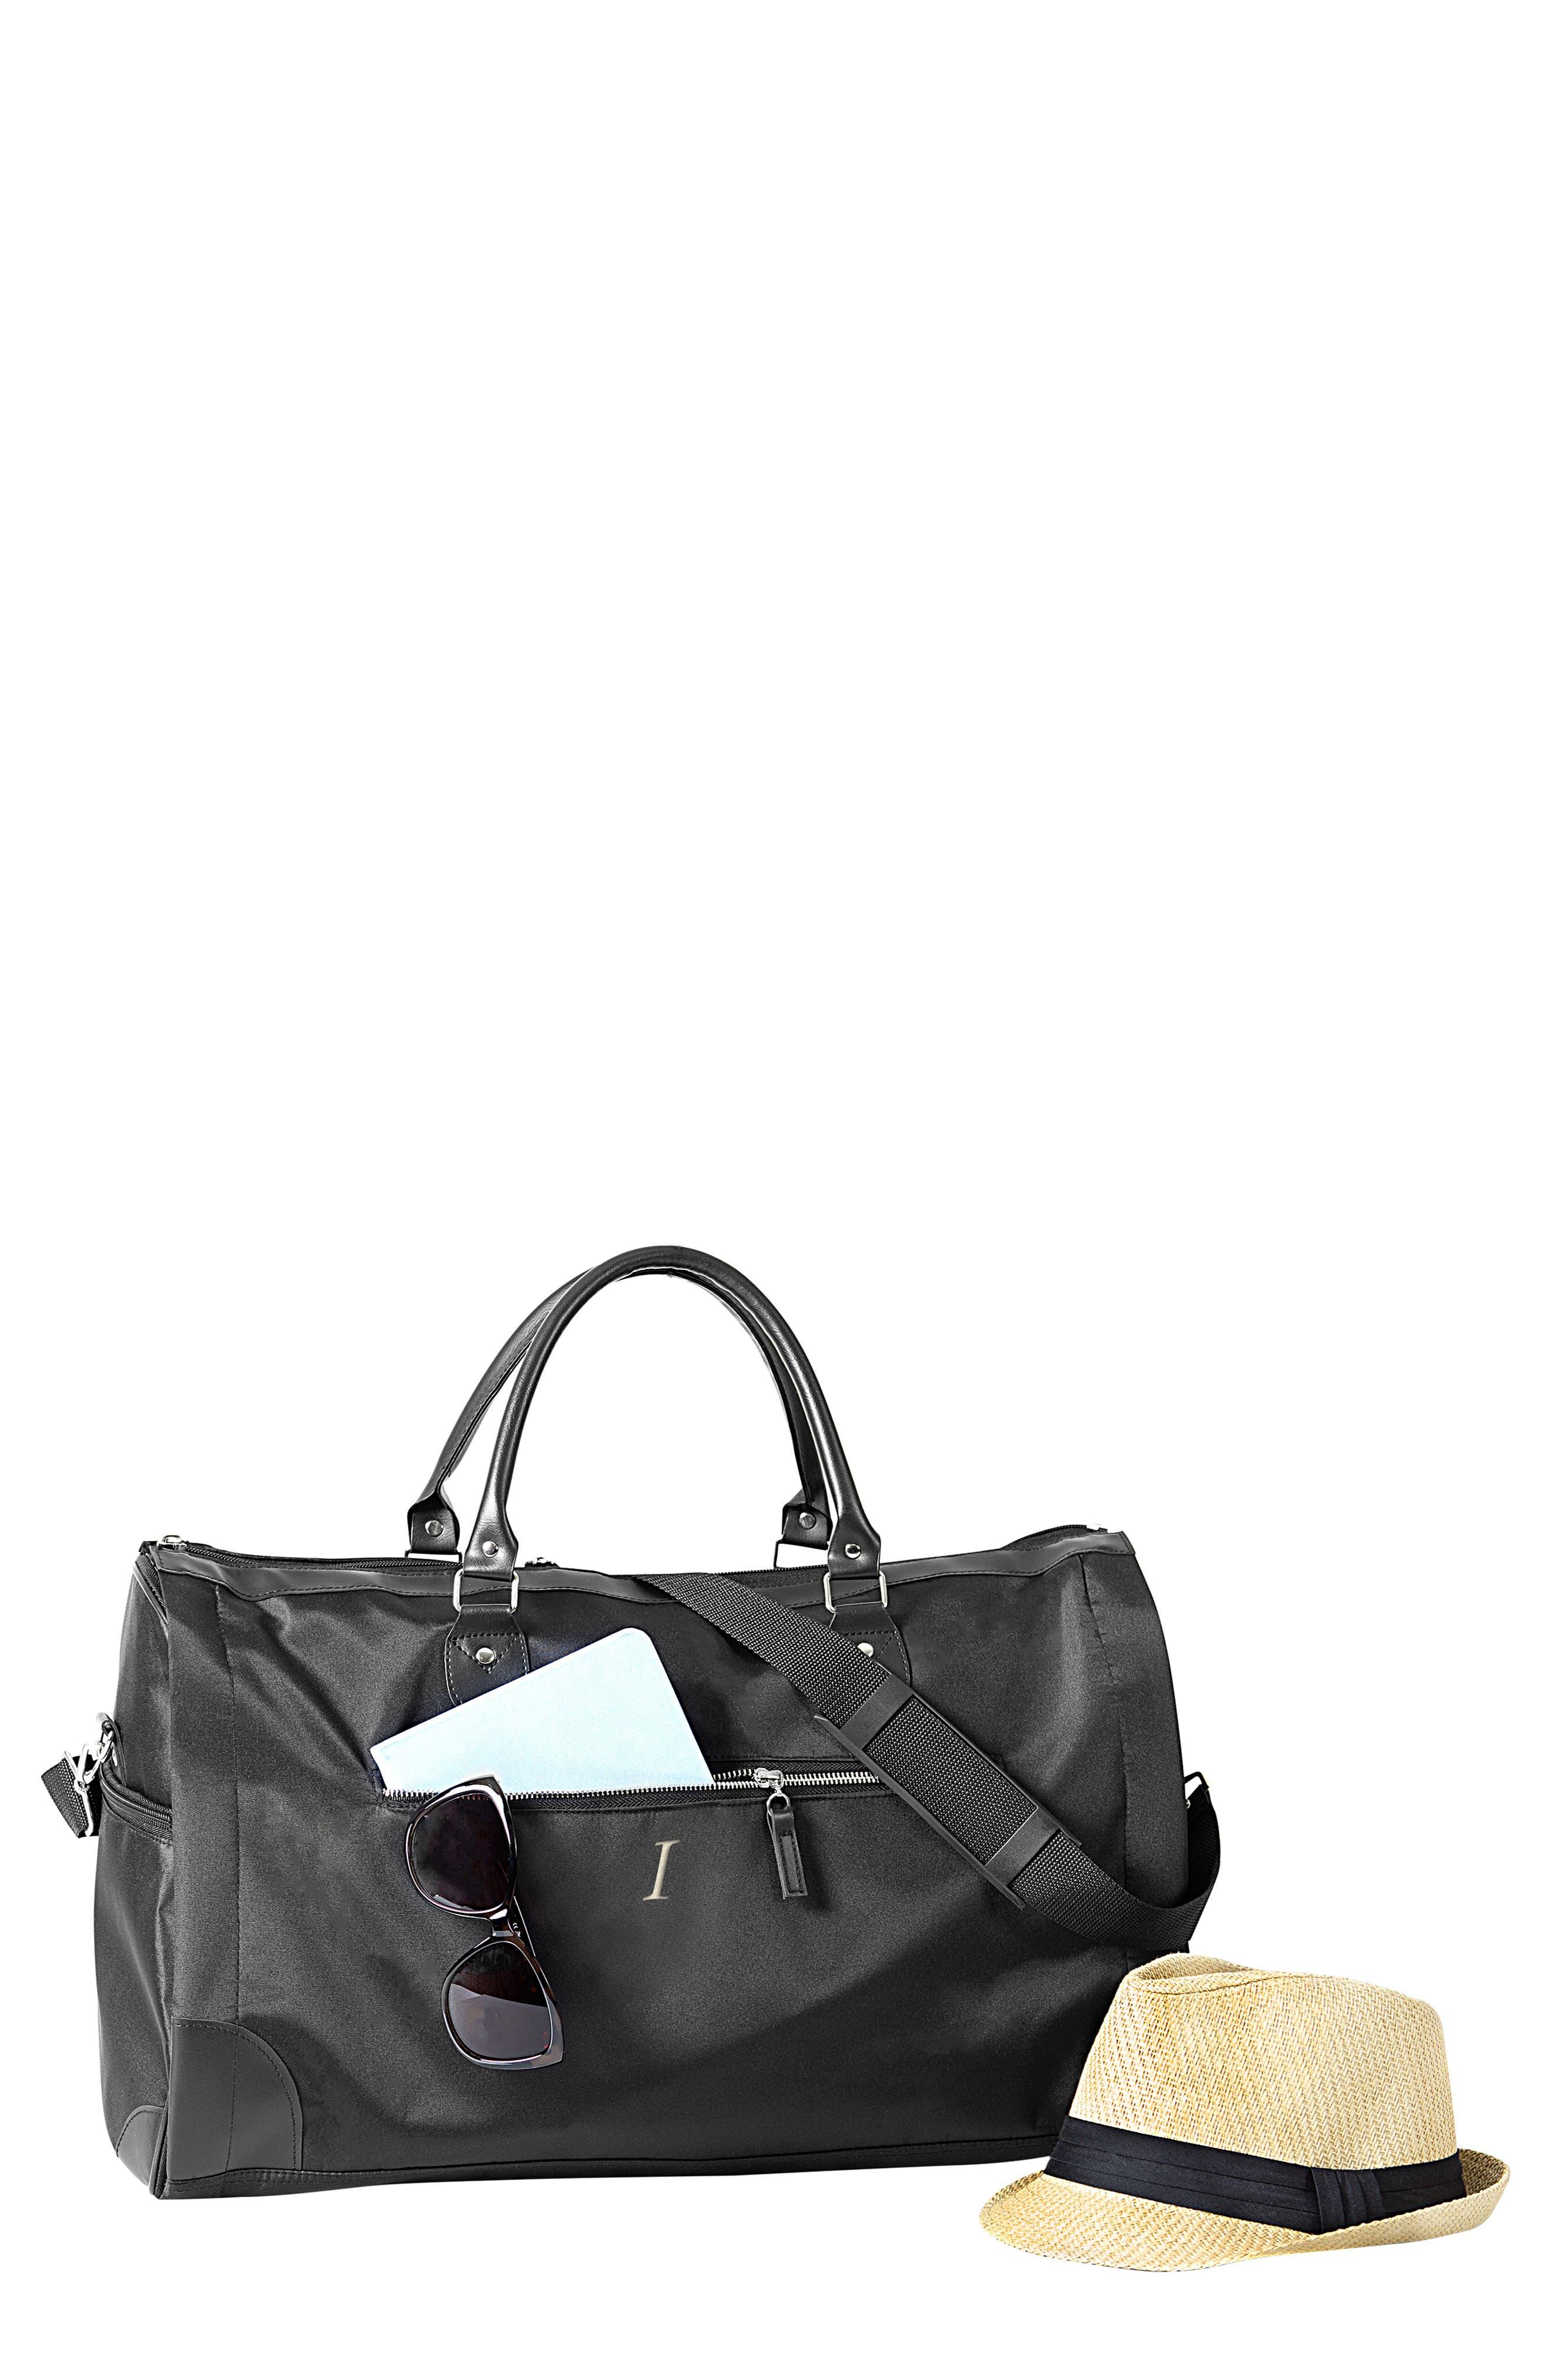 Monogram Duffel/garment Bag